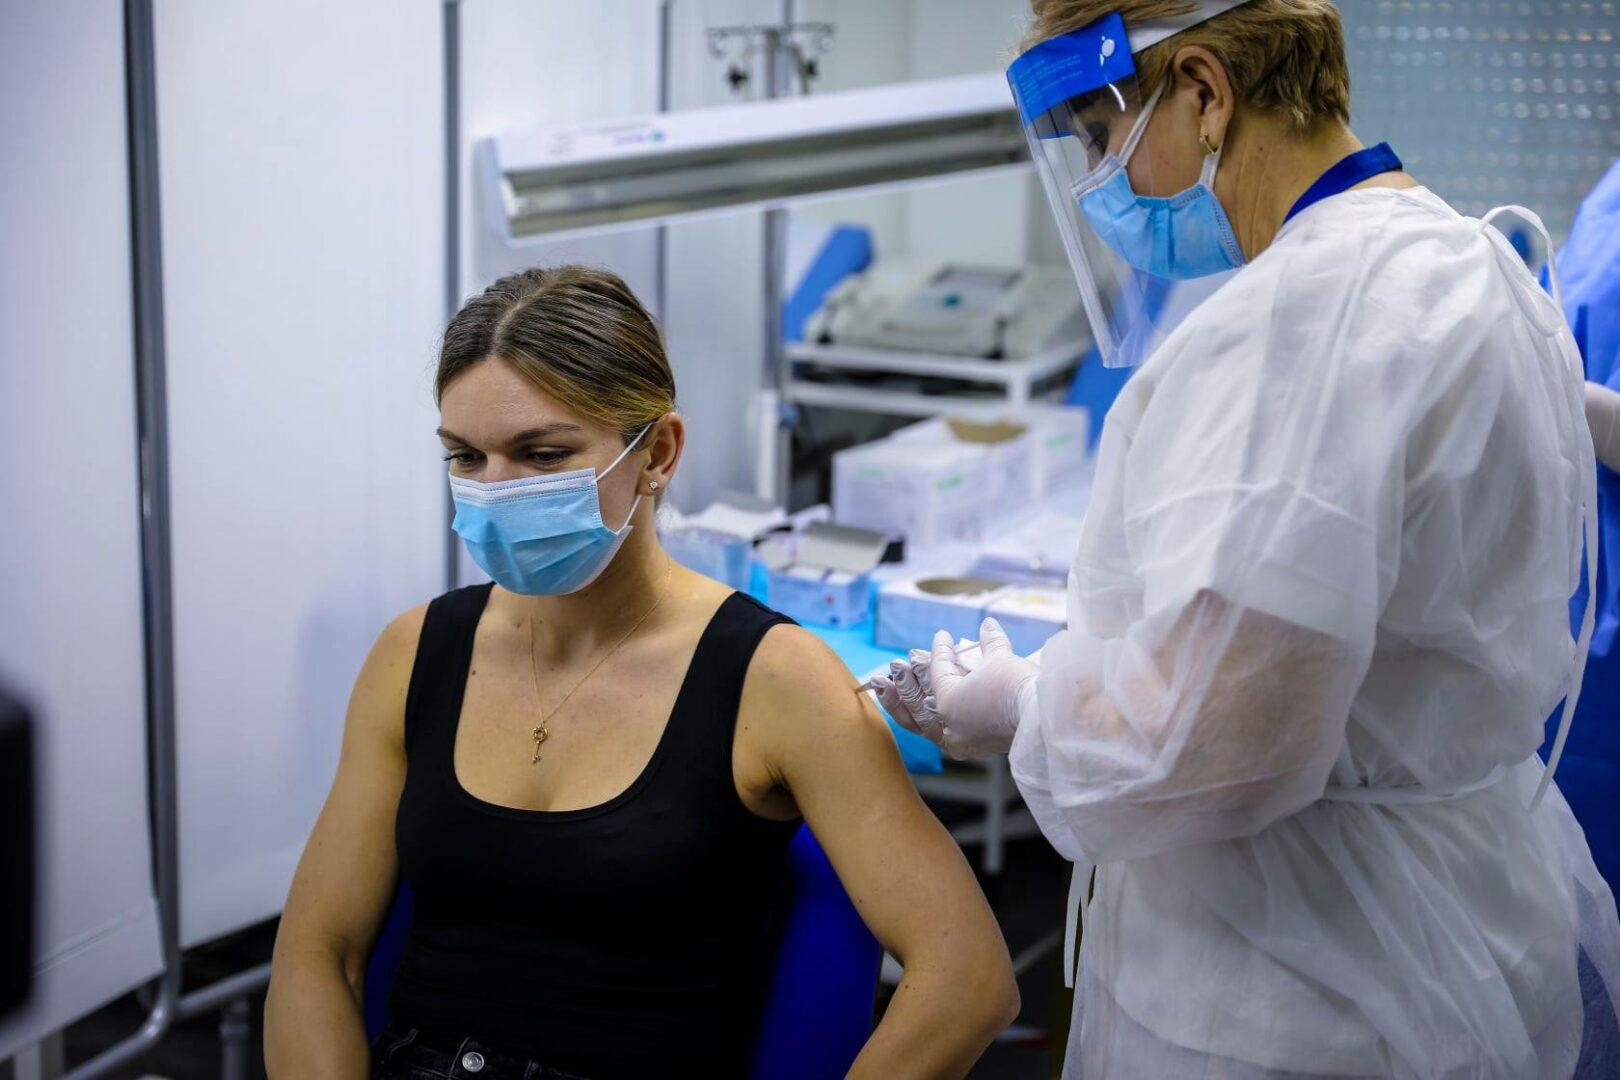 De ce s-a vaccinat Simona Halep cu vaccinul Pfizer. Explicaţia medicului Valeriu Gheorghiţă